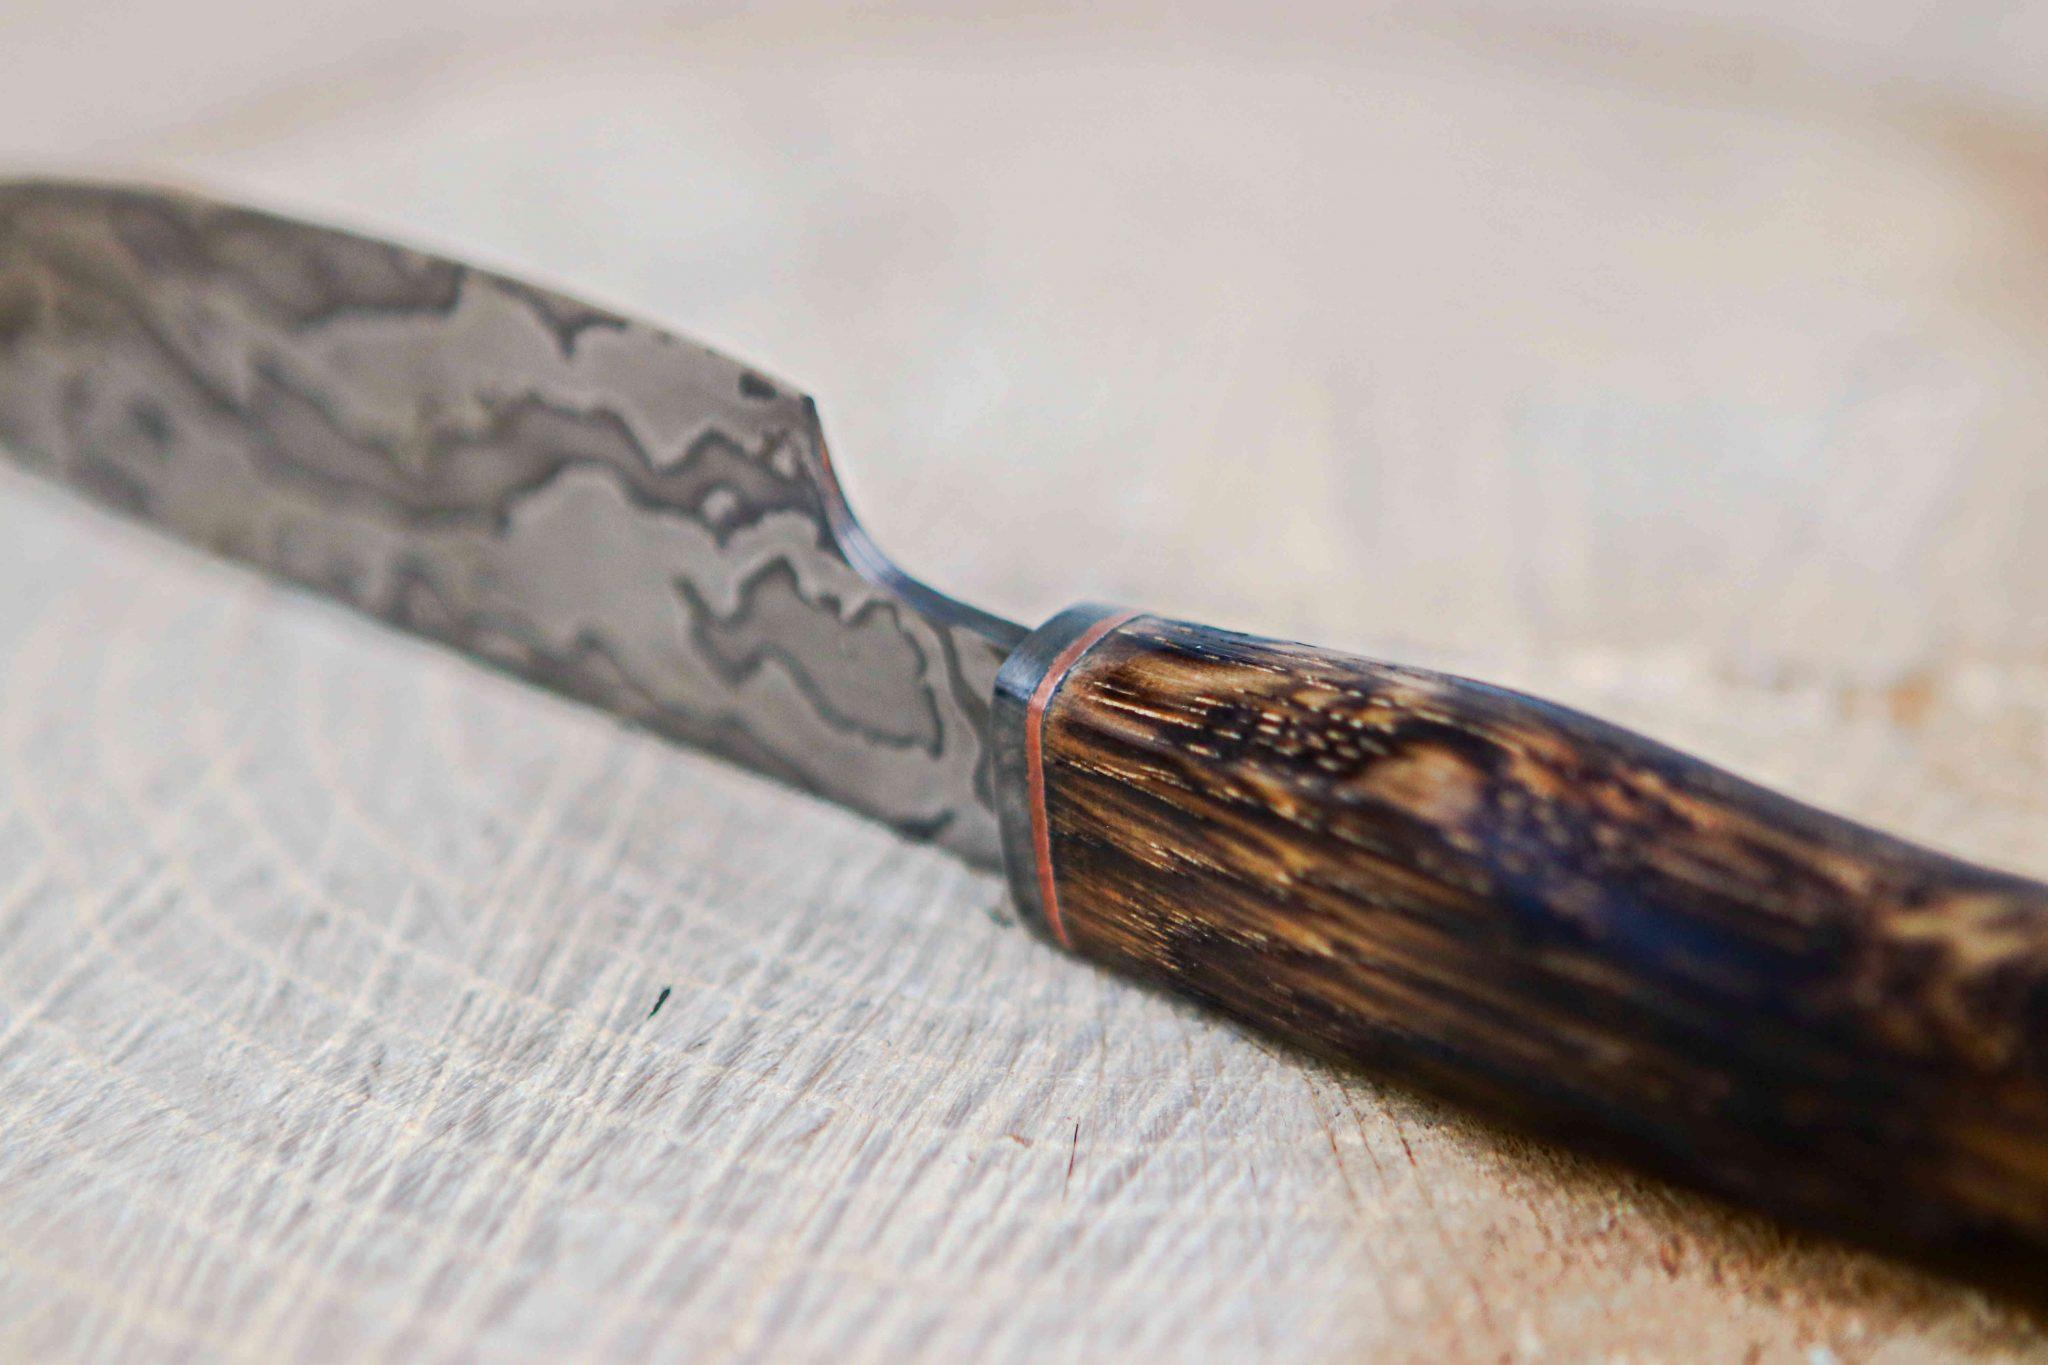 Lander Verschueren mes messen zelfgemaakt handgemaakt wapen smeden smid leer leren leder hoes schede jachtmes damascus